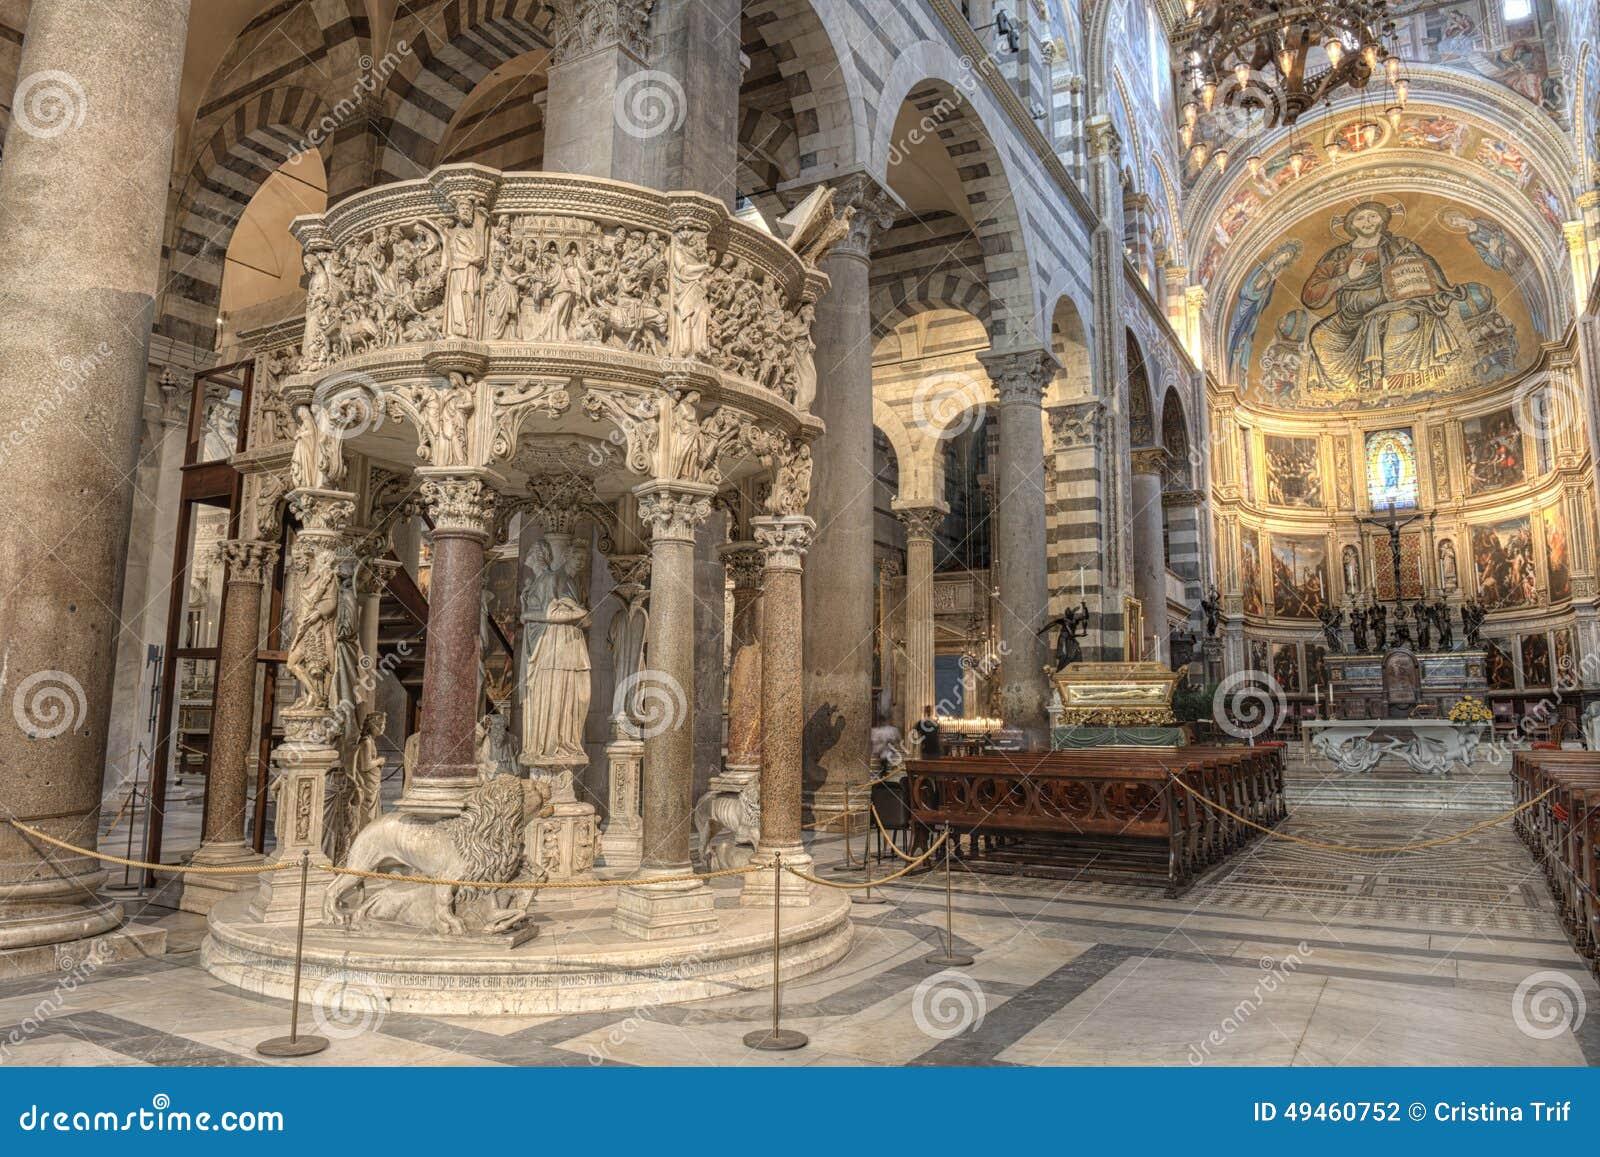 Int rieur de cath drale de pise italie photo stock image 49460752 - Tour de pise interieur ...